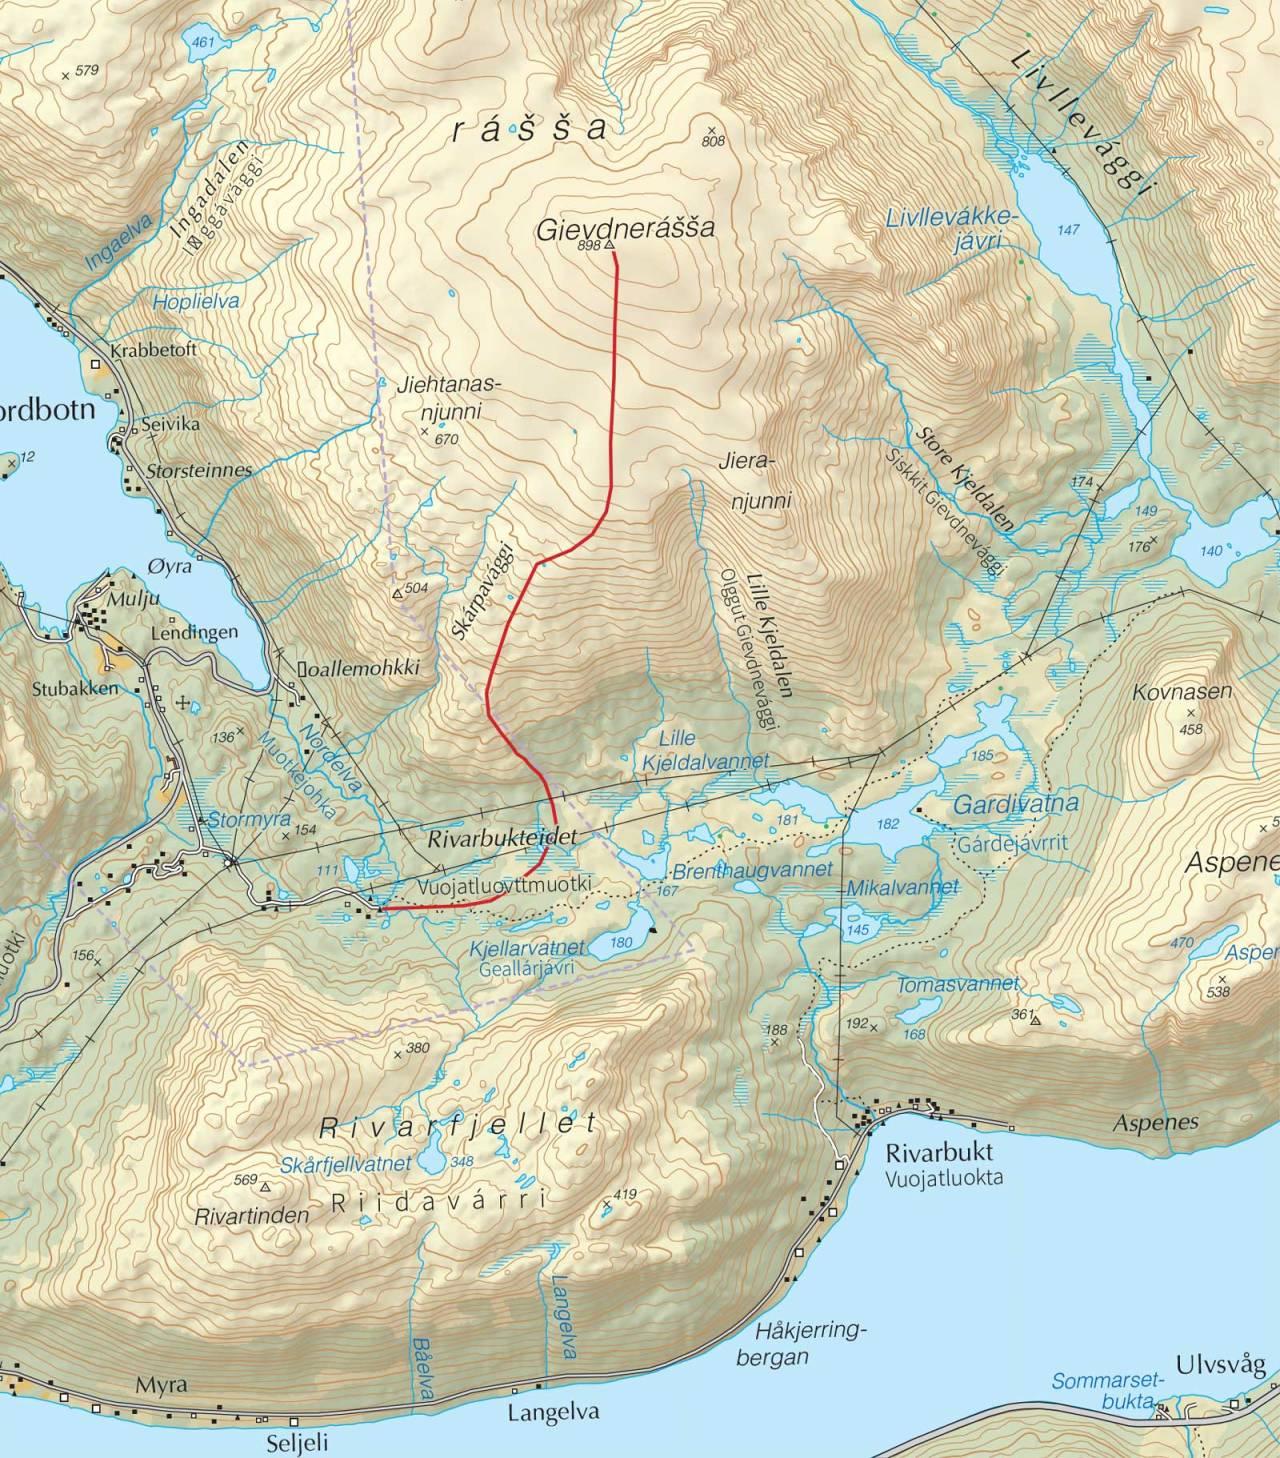 Kart over Gievdenerassa med inntegnet rute. Fra Trygge toppturer.